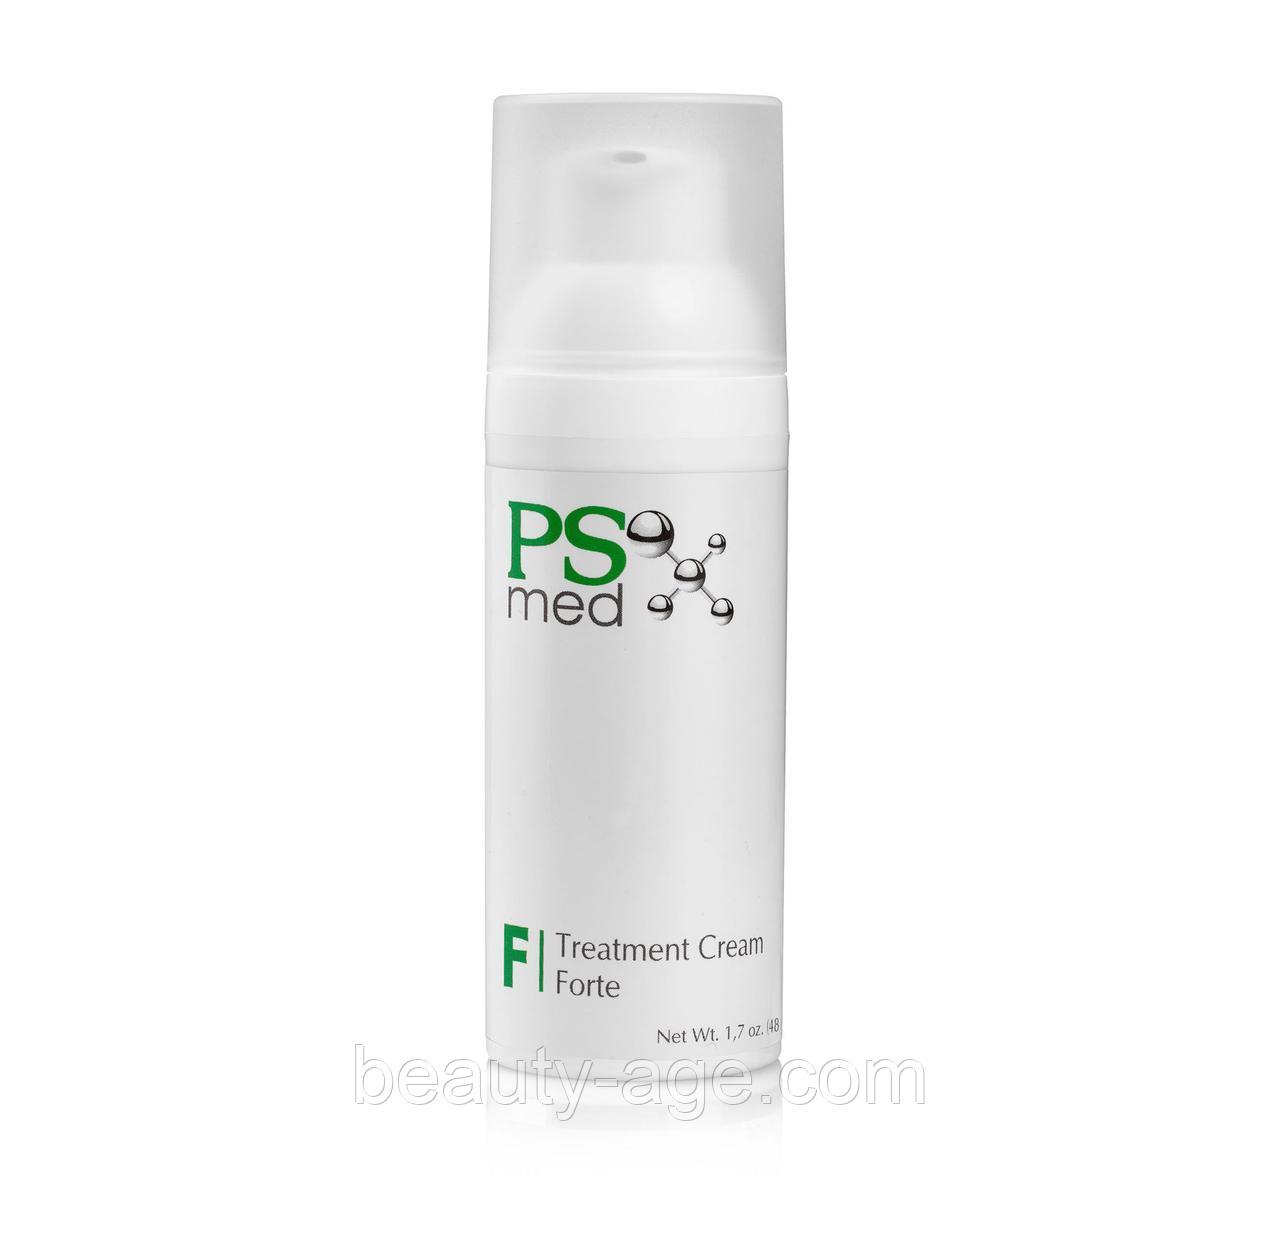 FORTE Крем от псориаза, атопического дерматита Forte